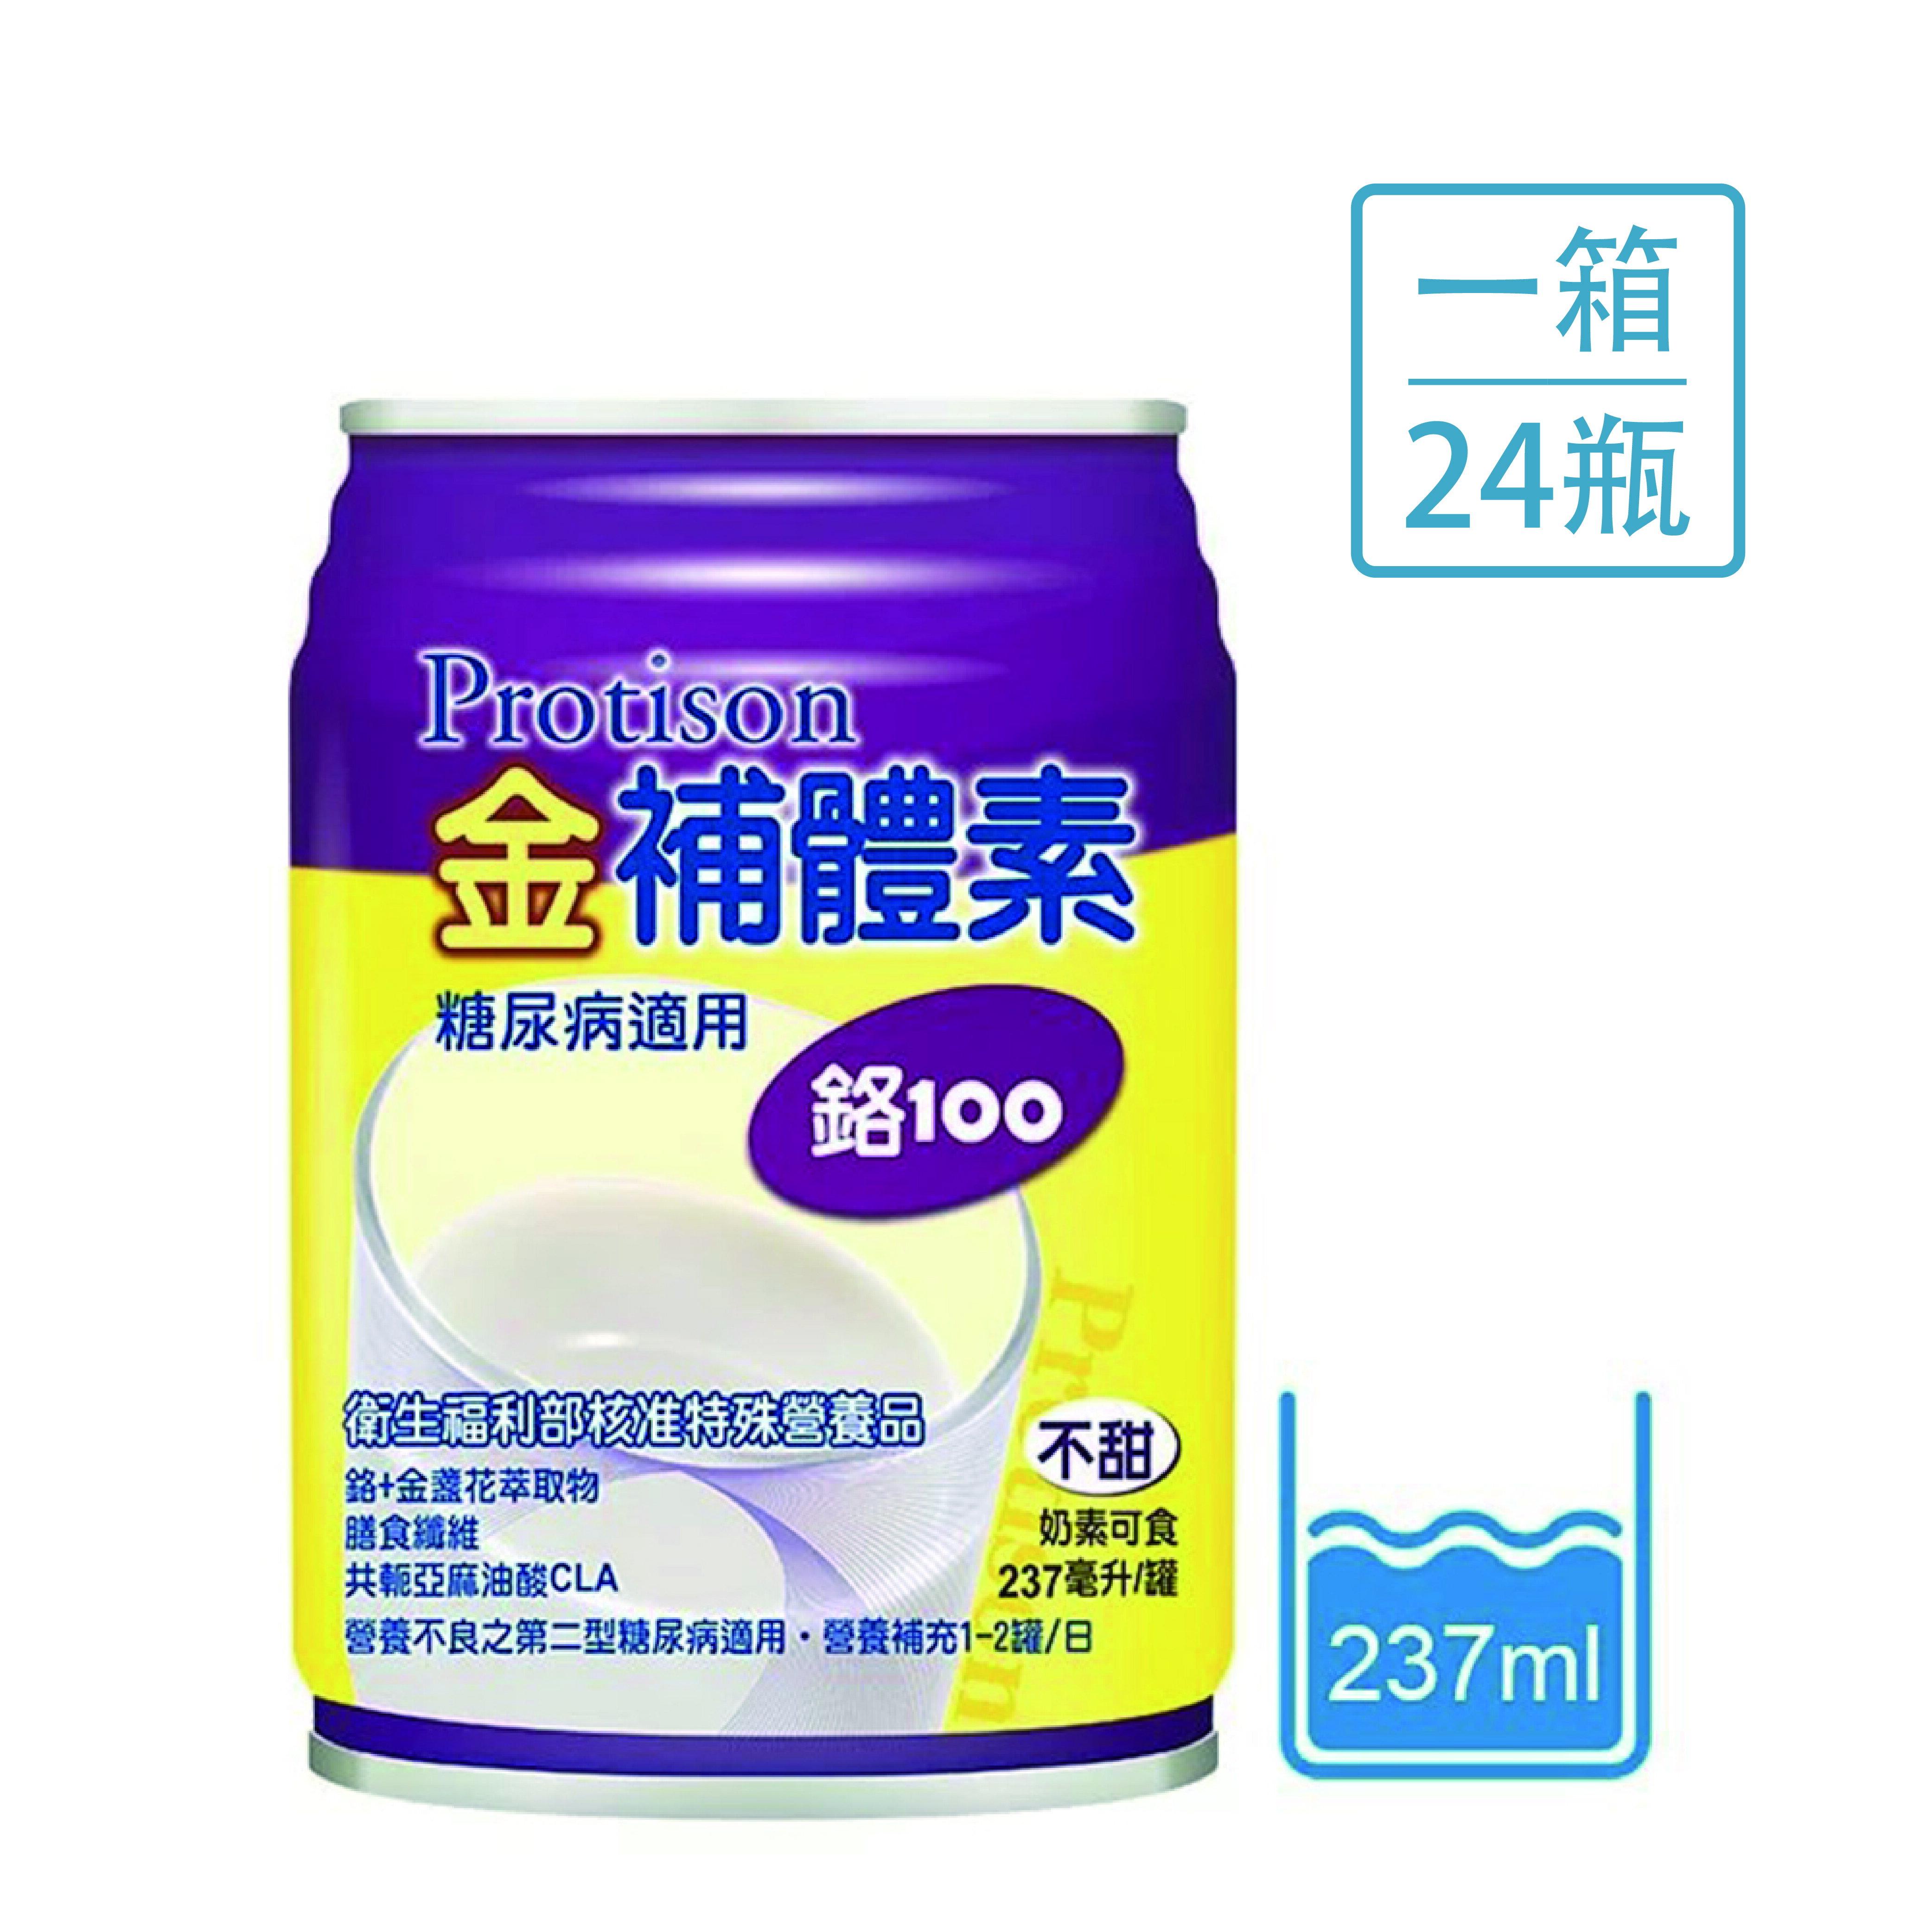 金補體素 鉻100-糖尿病適用-不甜 237ml 鋁罐裝 24瓶/箱◆丞陽健康生活館◆